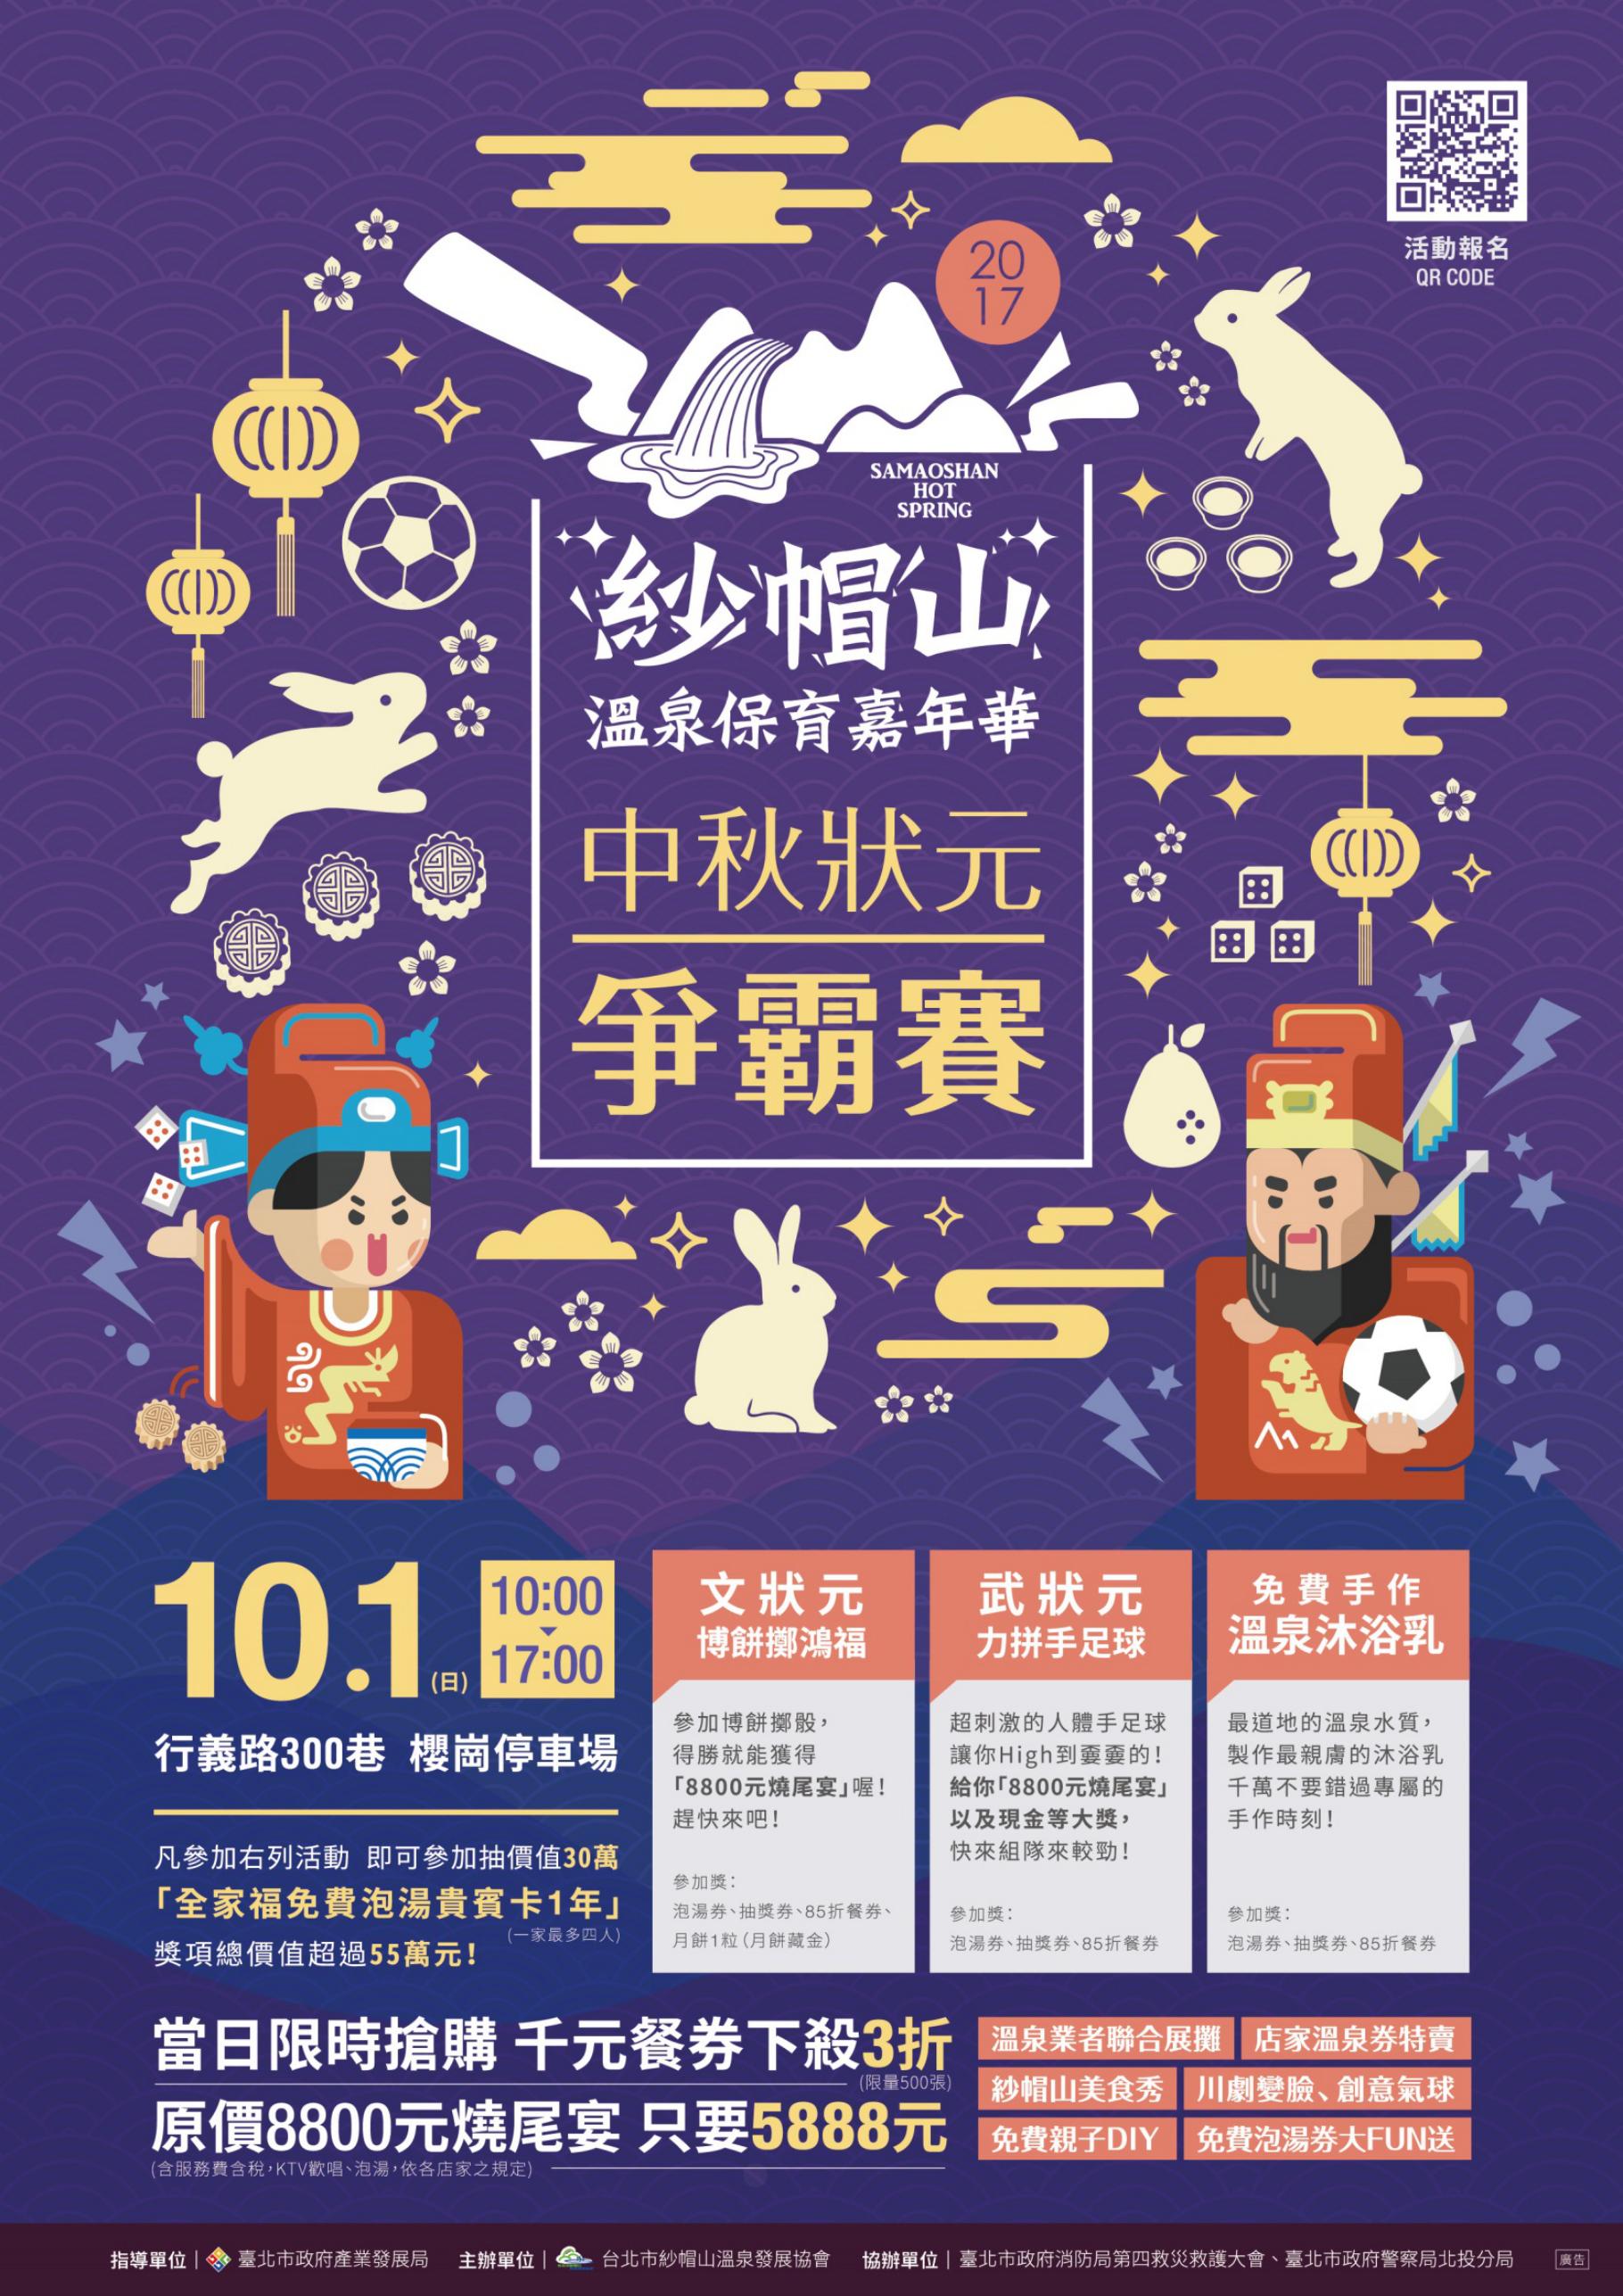 2017紗帽山溫泉保育嘉年華